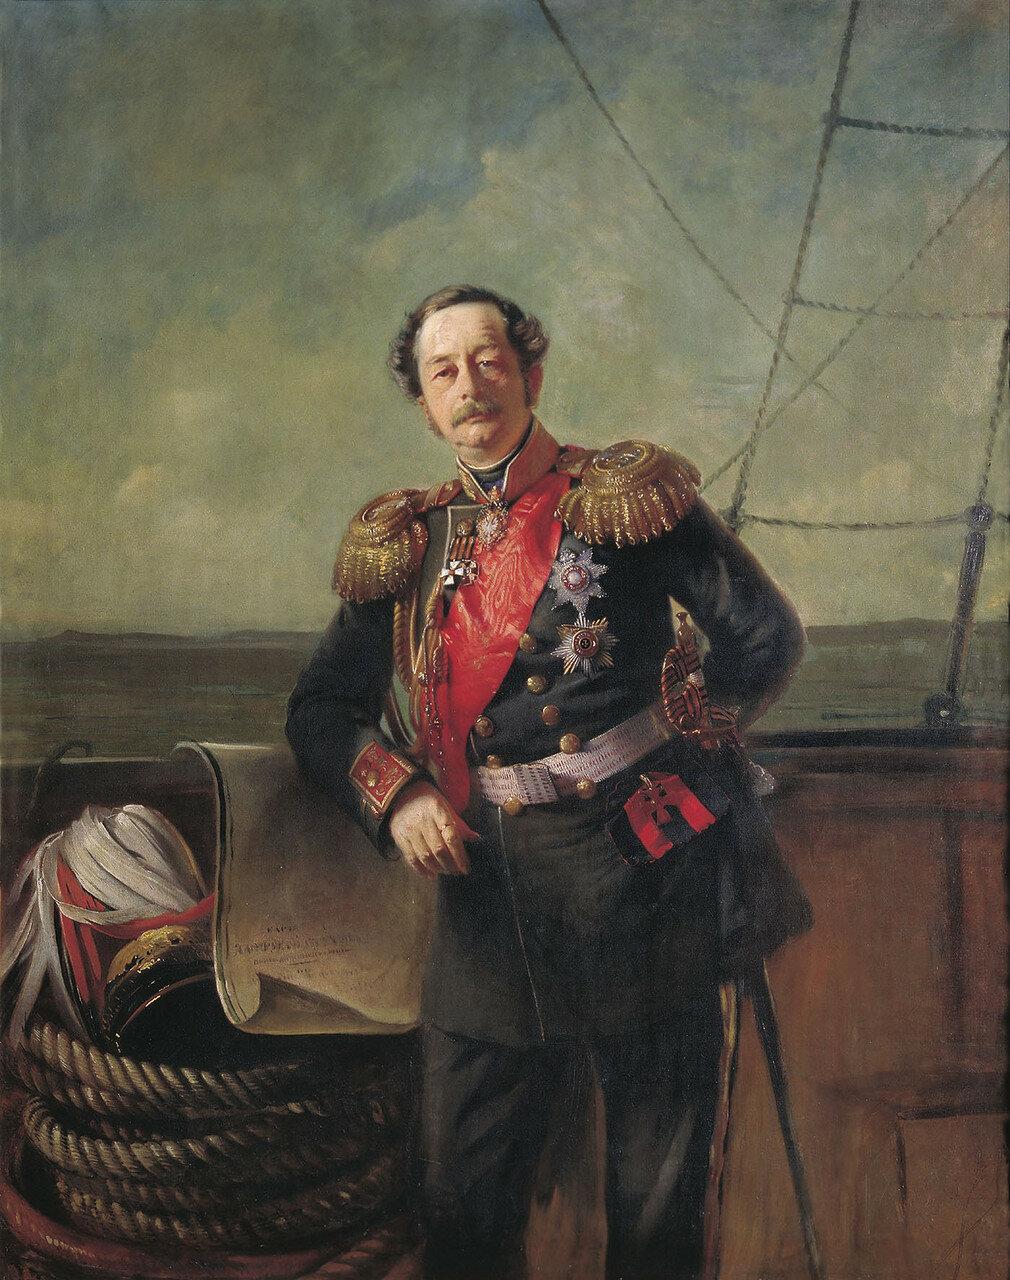 Konstantin_Makovsky_Nikolay-Muravyov-Amursky_1863.jpg